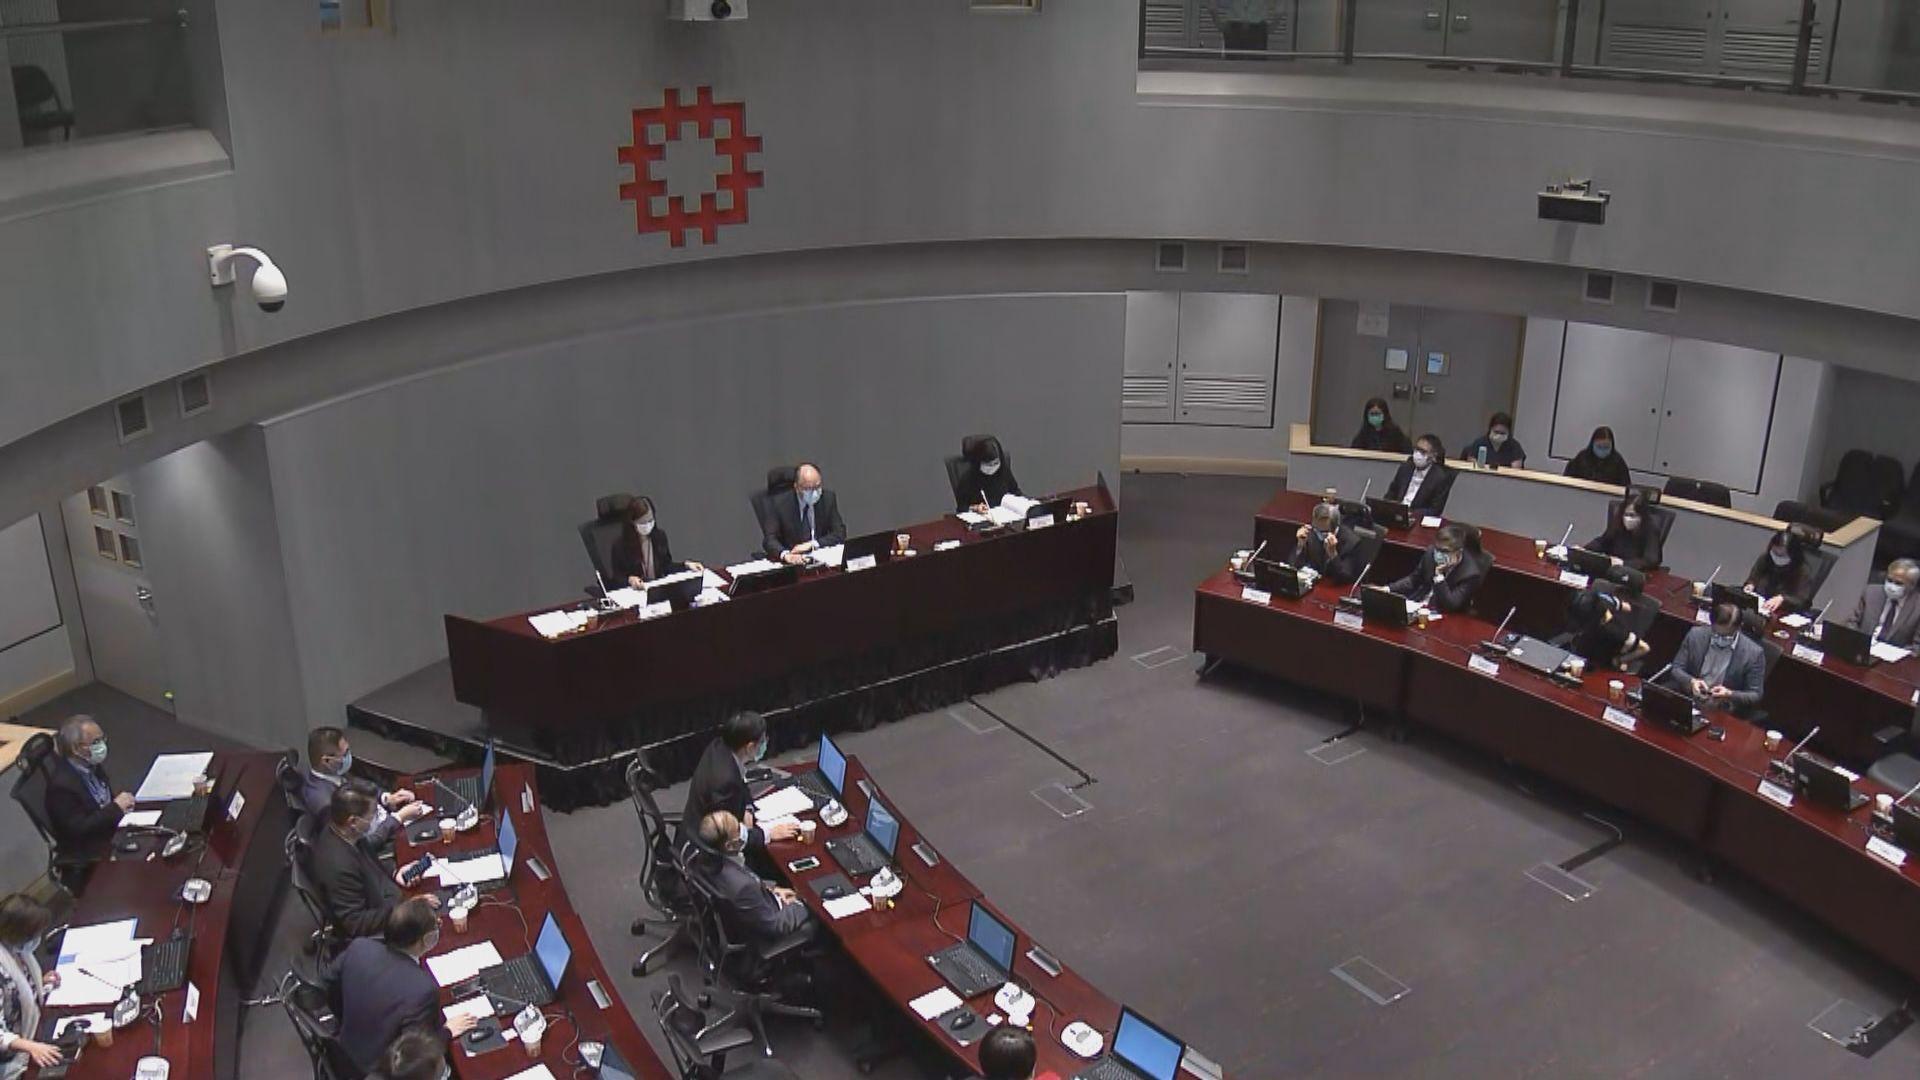 房委會委員要求今年凍結公屋租金